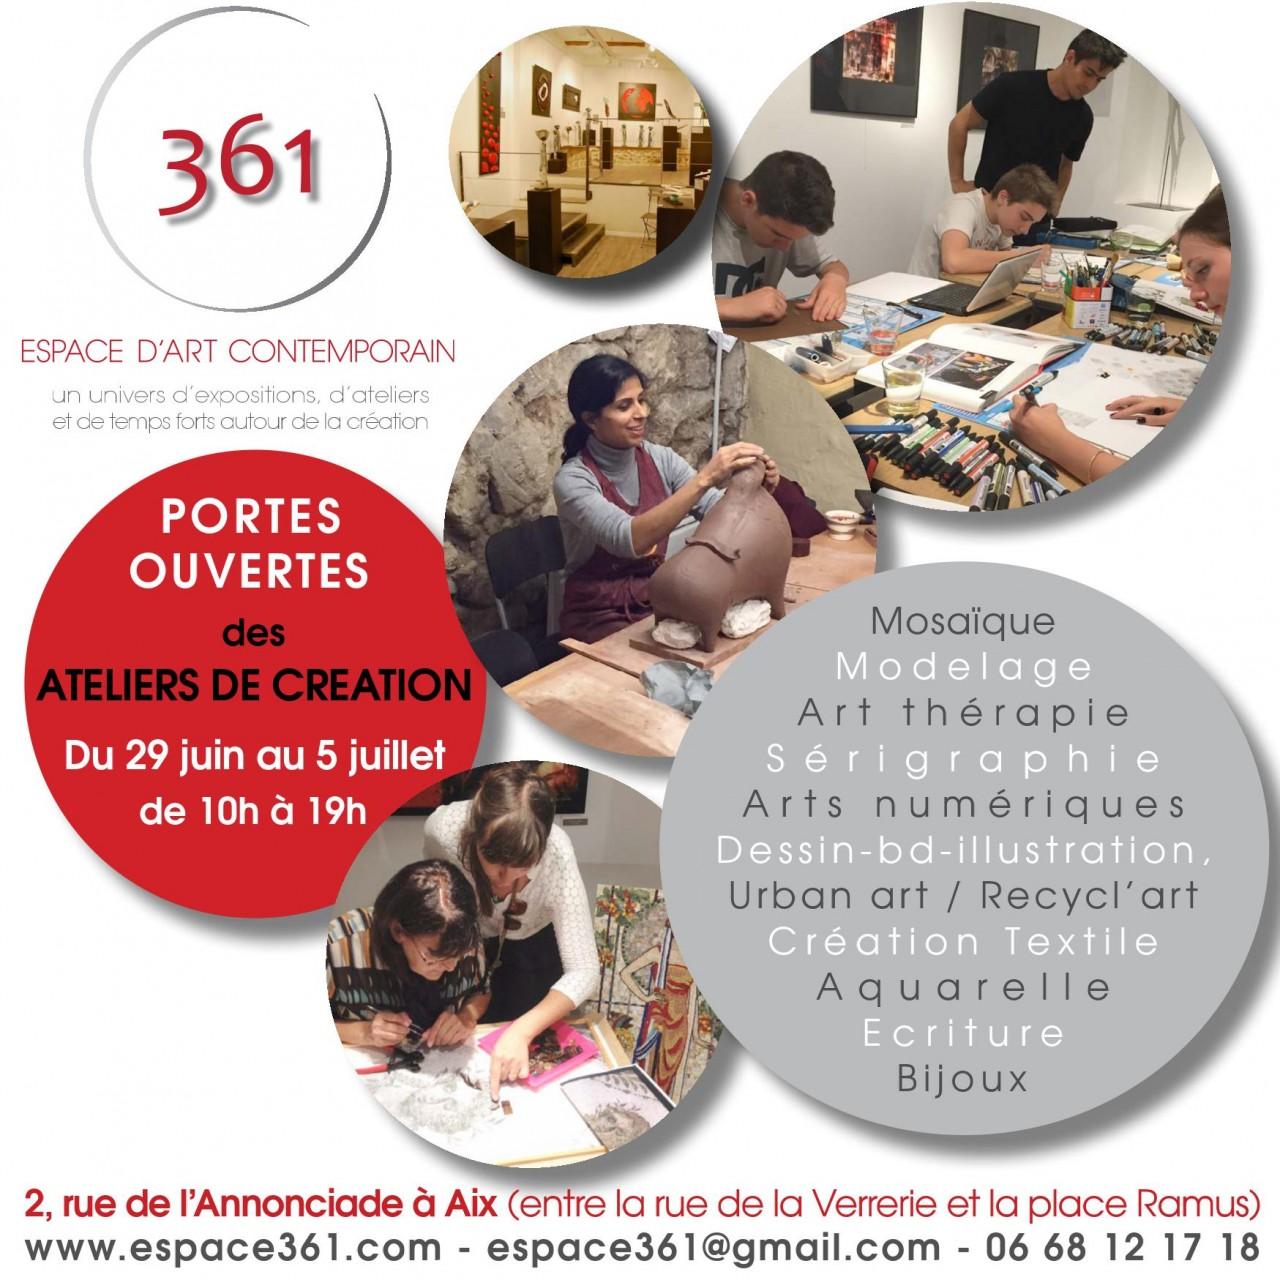 Portes ouvertes ateliers de créations espace 361 2015